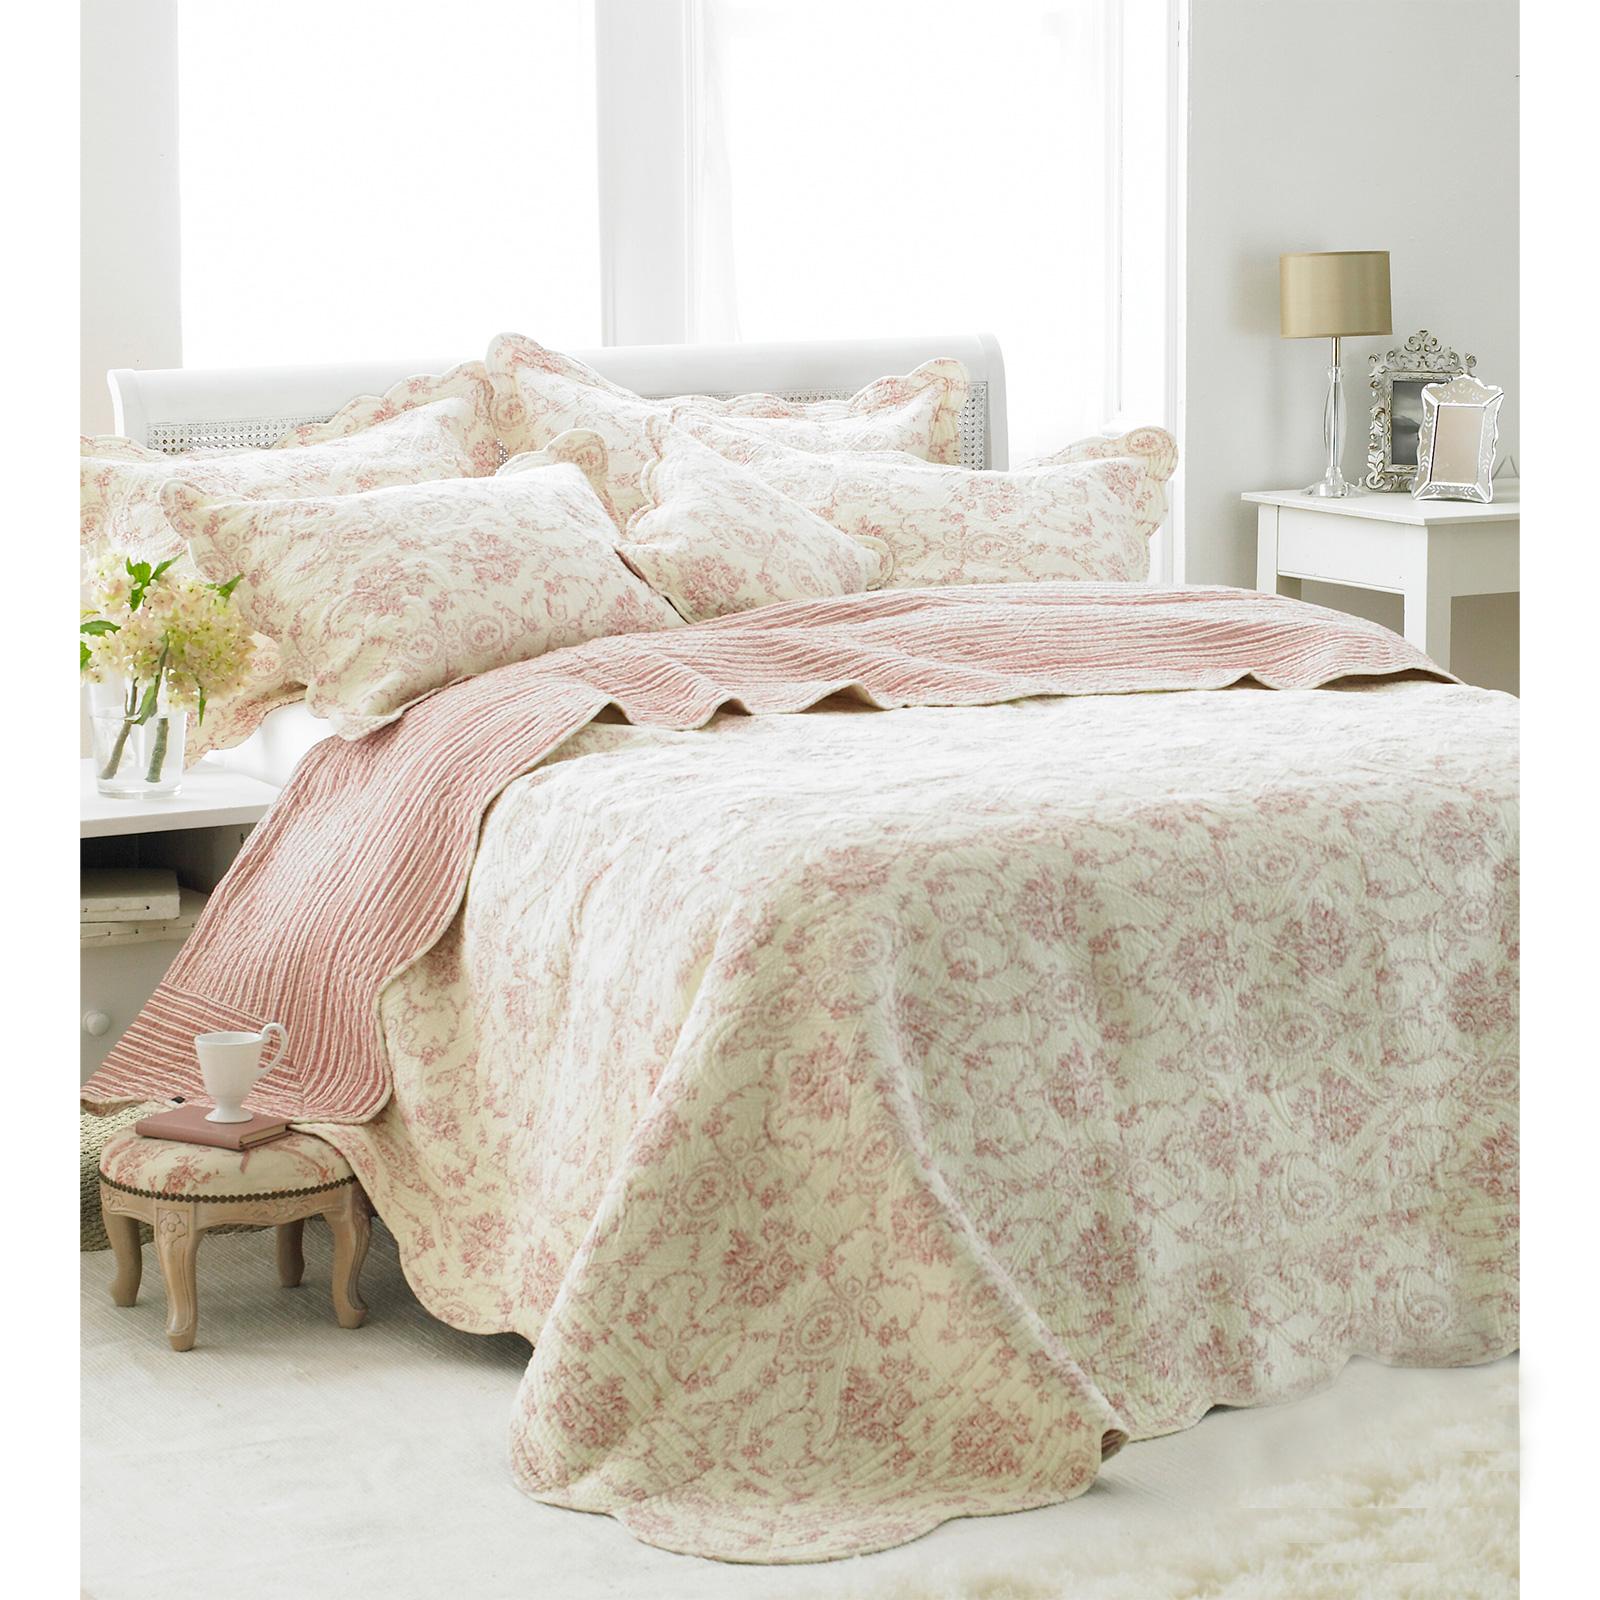 franz sisch vintage toile tagesdecke luxus 100 baumwolle weich gestepptes bett. Black Bedroom Furniture Sets. Home Design Ideas